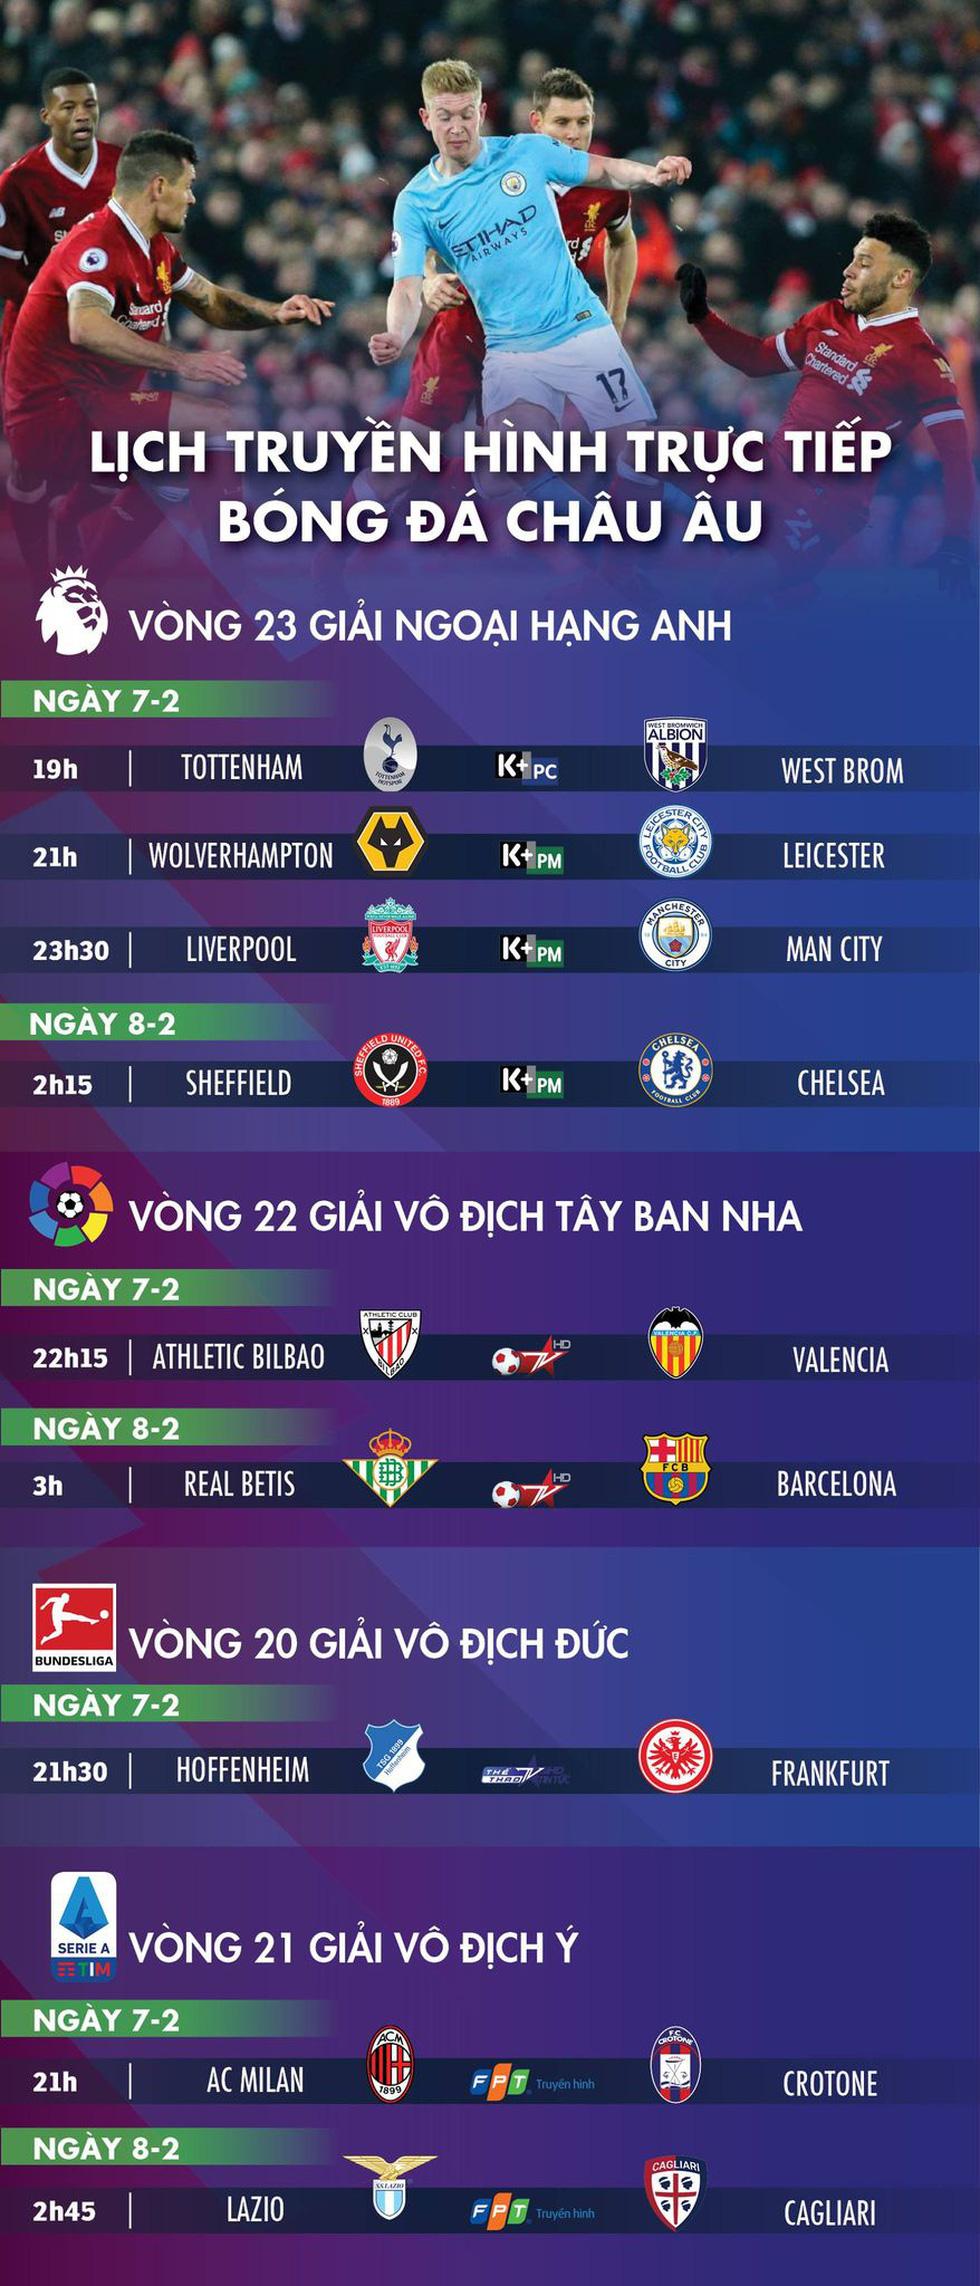 Lịch trực tiếp bóng đá châu Âu 7-2: Đại chiến Liverpool - Man City - Ảnh 1.